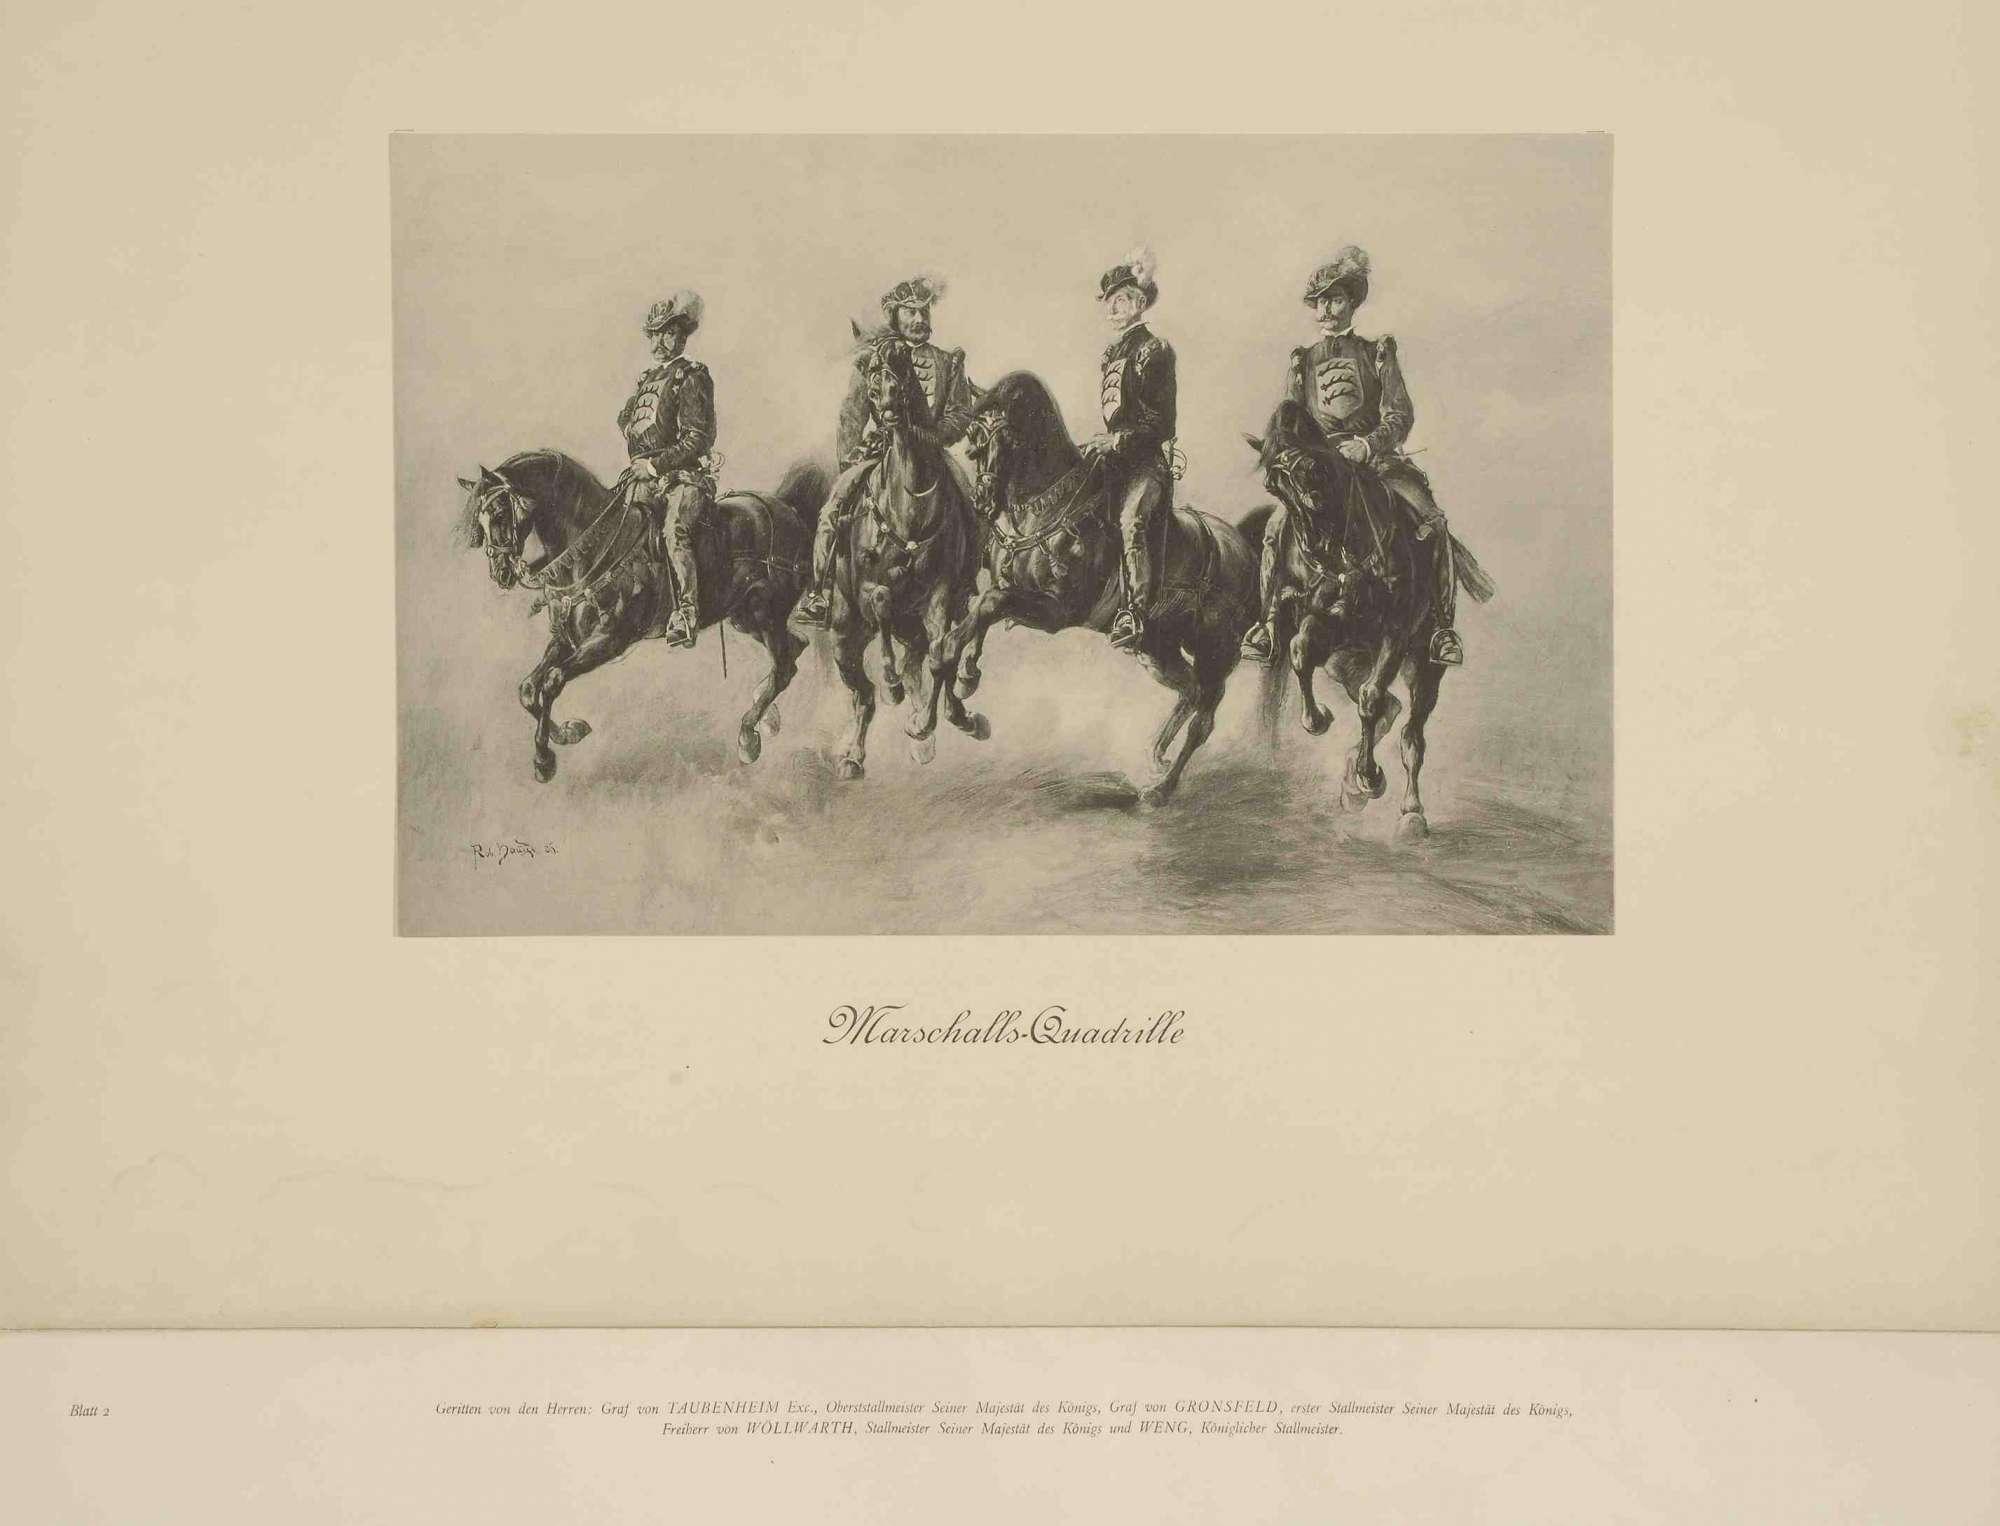 Vermählungsfeier von Prinz Wilhelm von Württemberg mit Prinzessin Charlotte von Schaumburg-Lippe am 28.04.1886, Erinnerungsblätter mit Vorwort und einer Identifizierung dargestellter Personen, Bild 2